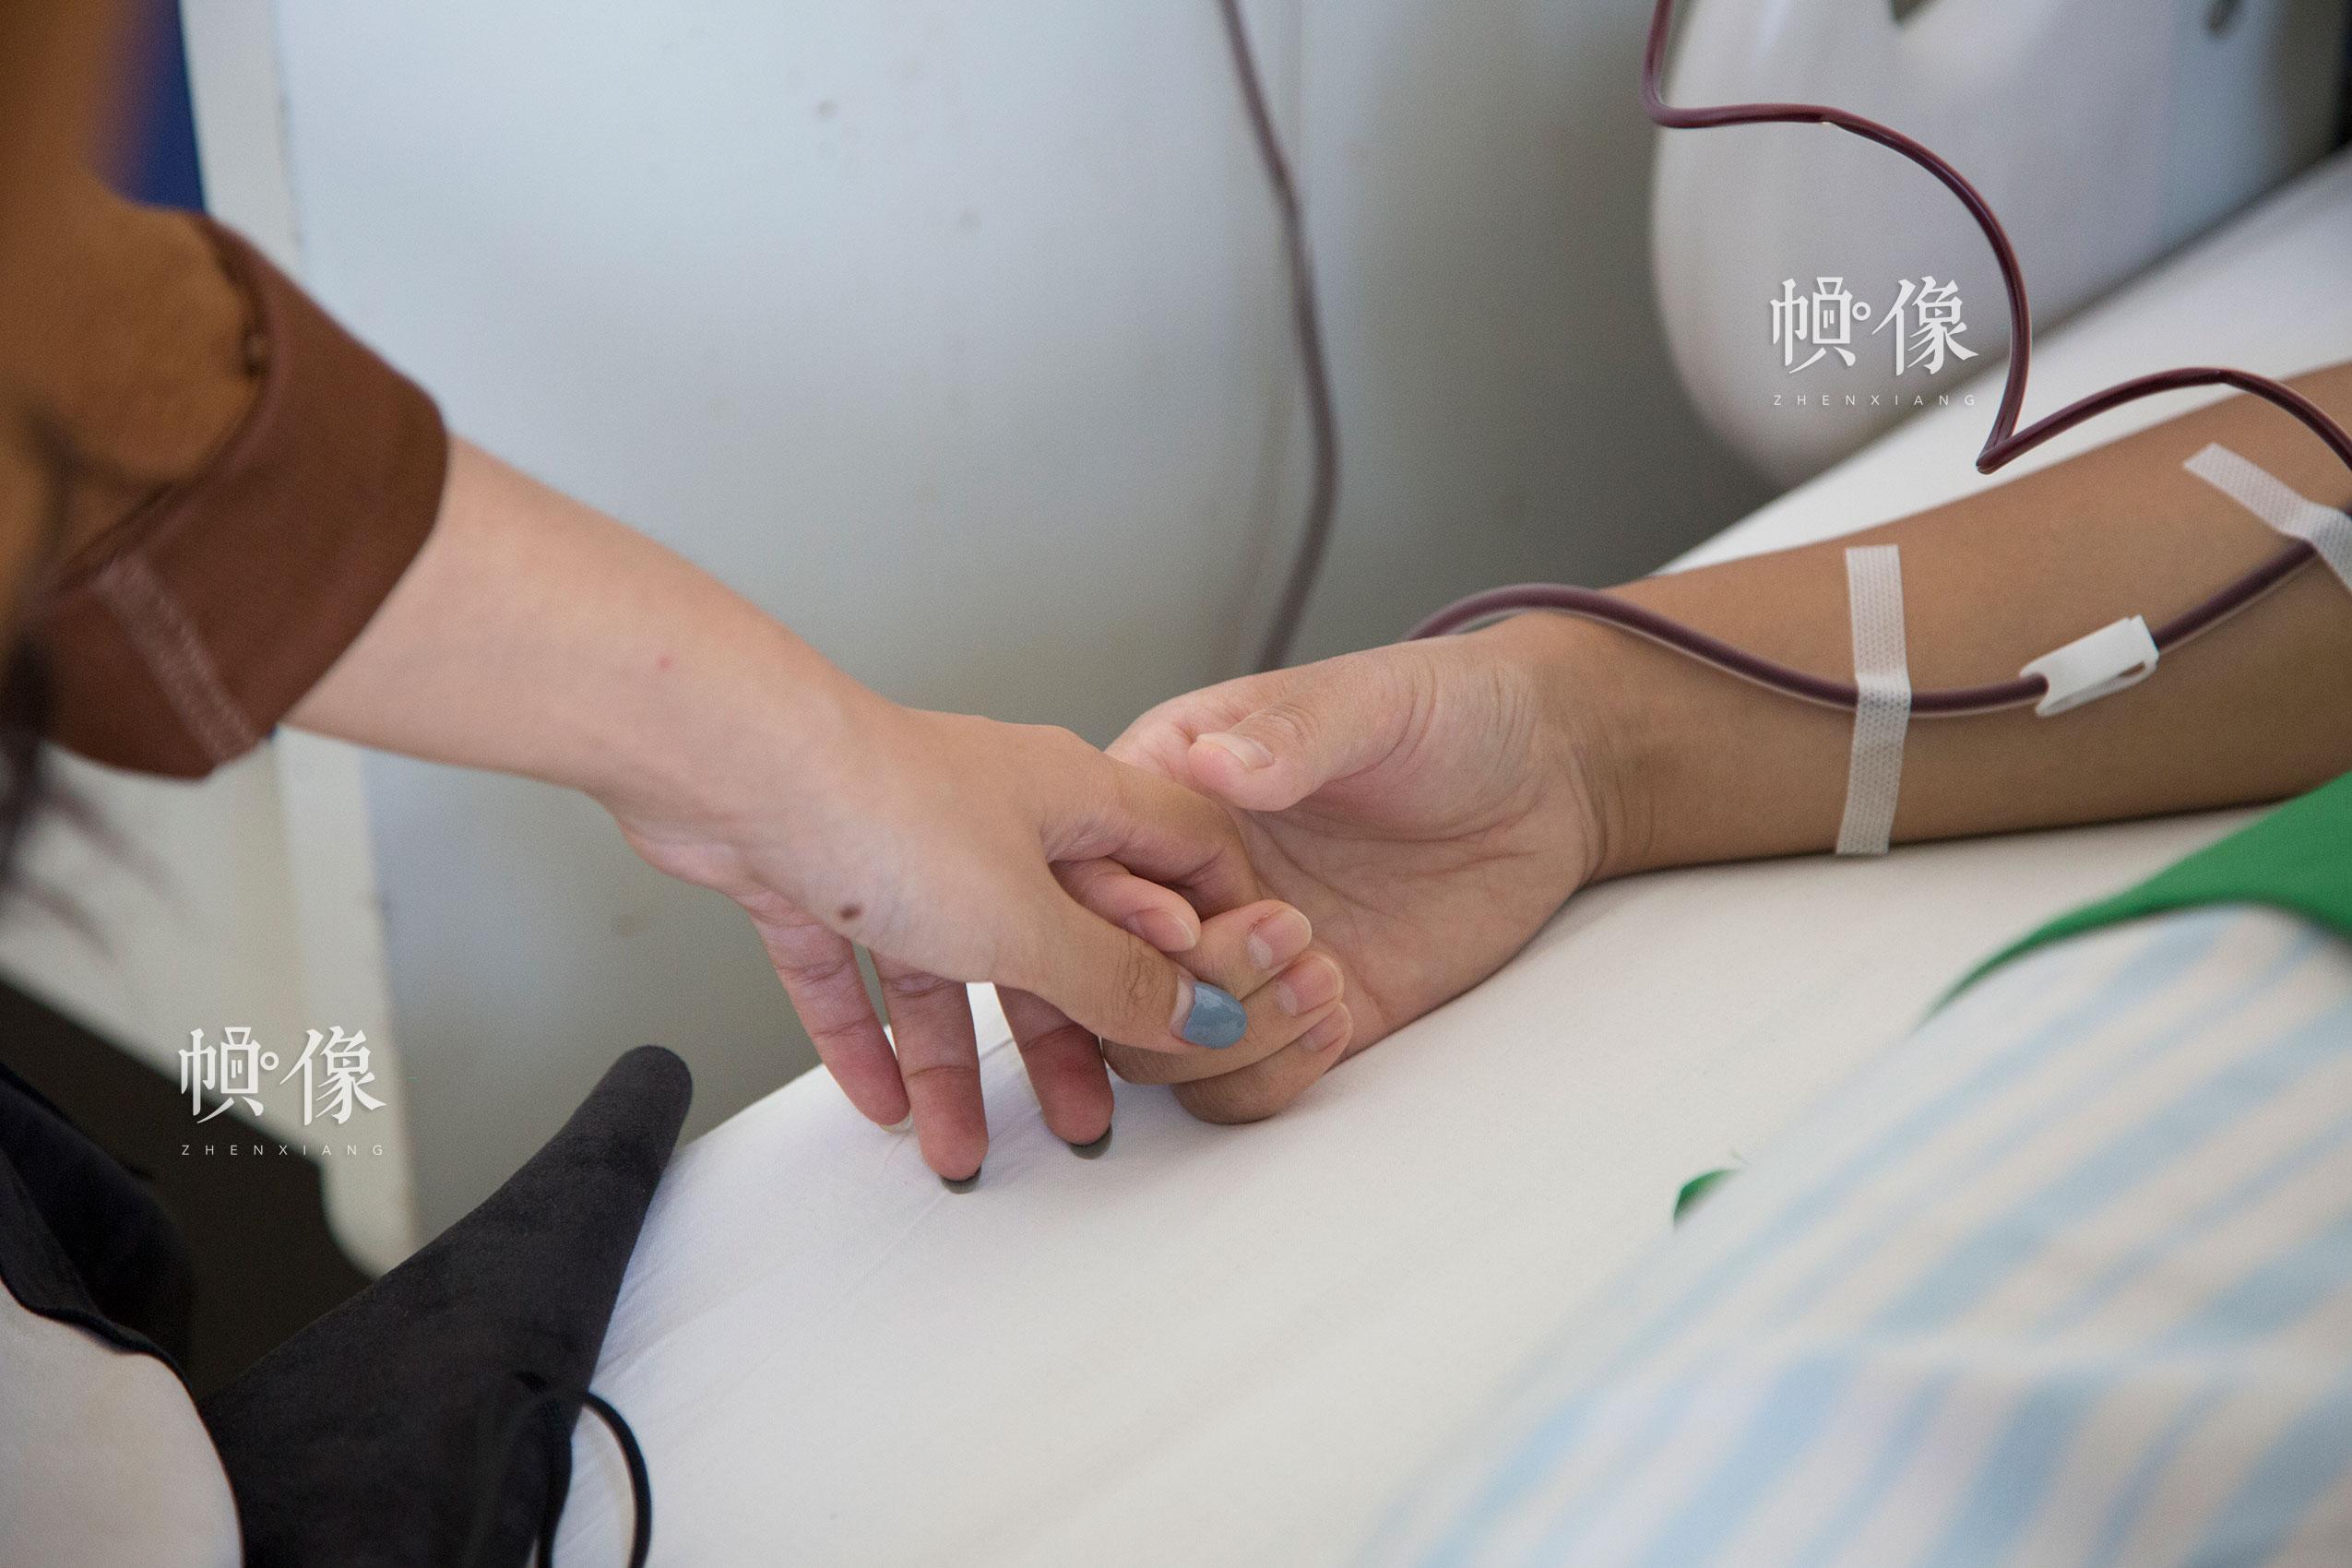 2017年8月30日,北京海军总医院,配型成功的曲女士进行造血干细胞捐献,前来看望的朋友拉住曲女士的手。中国网记者 黄富友 摄